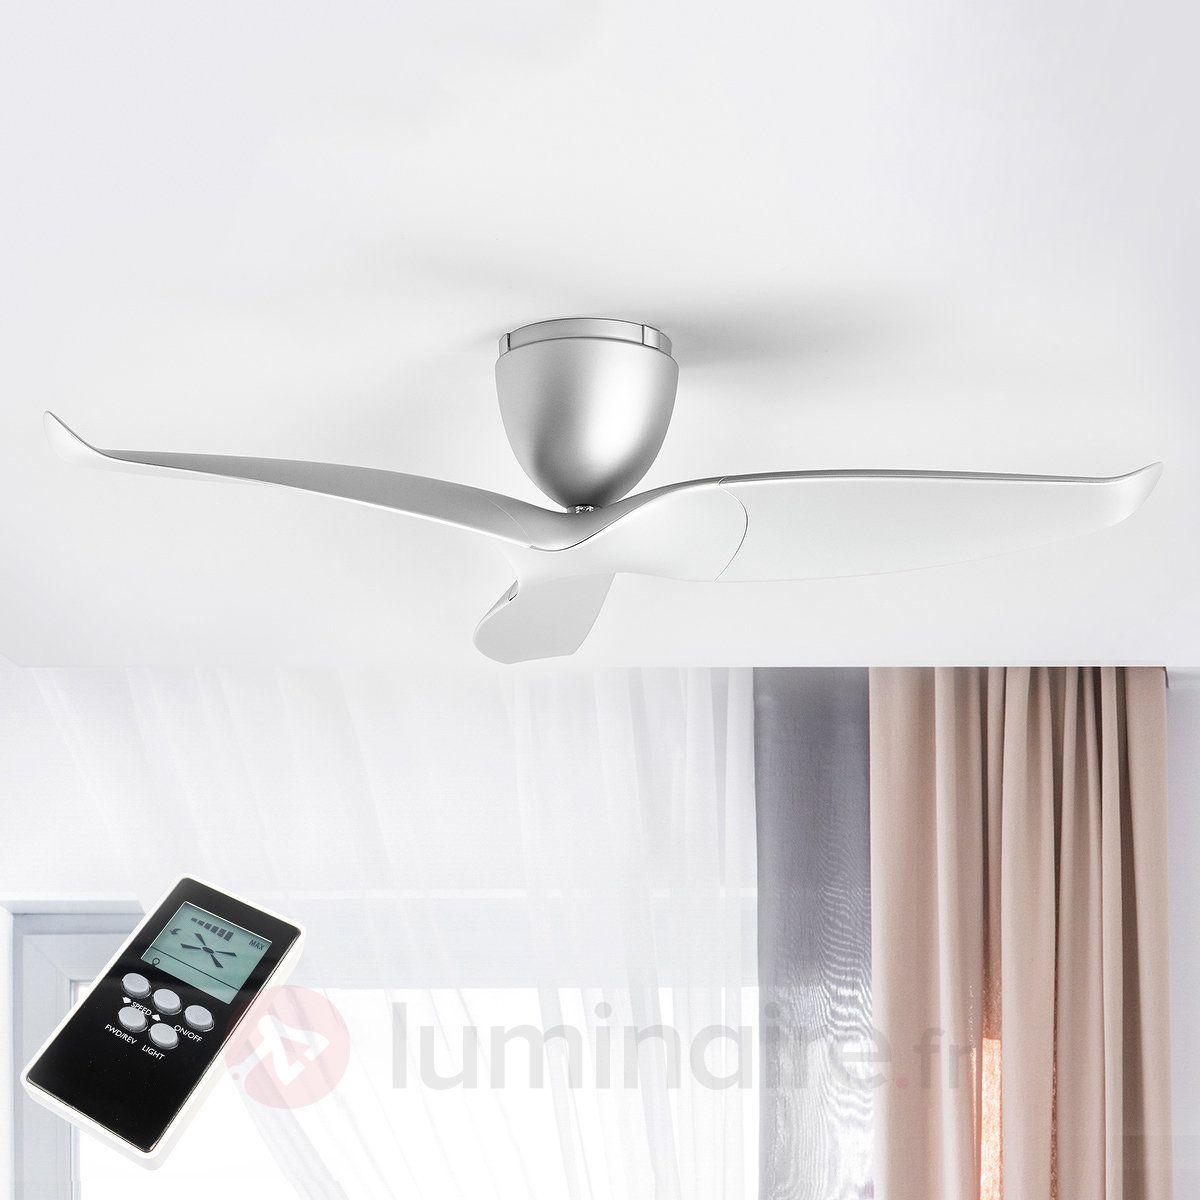 Ventilateur Plafond Airvolution A 3 Pales Argente Ventilateur Plafond Plafond Et Ventilateur